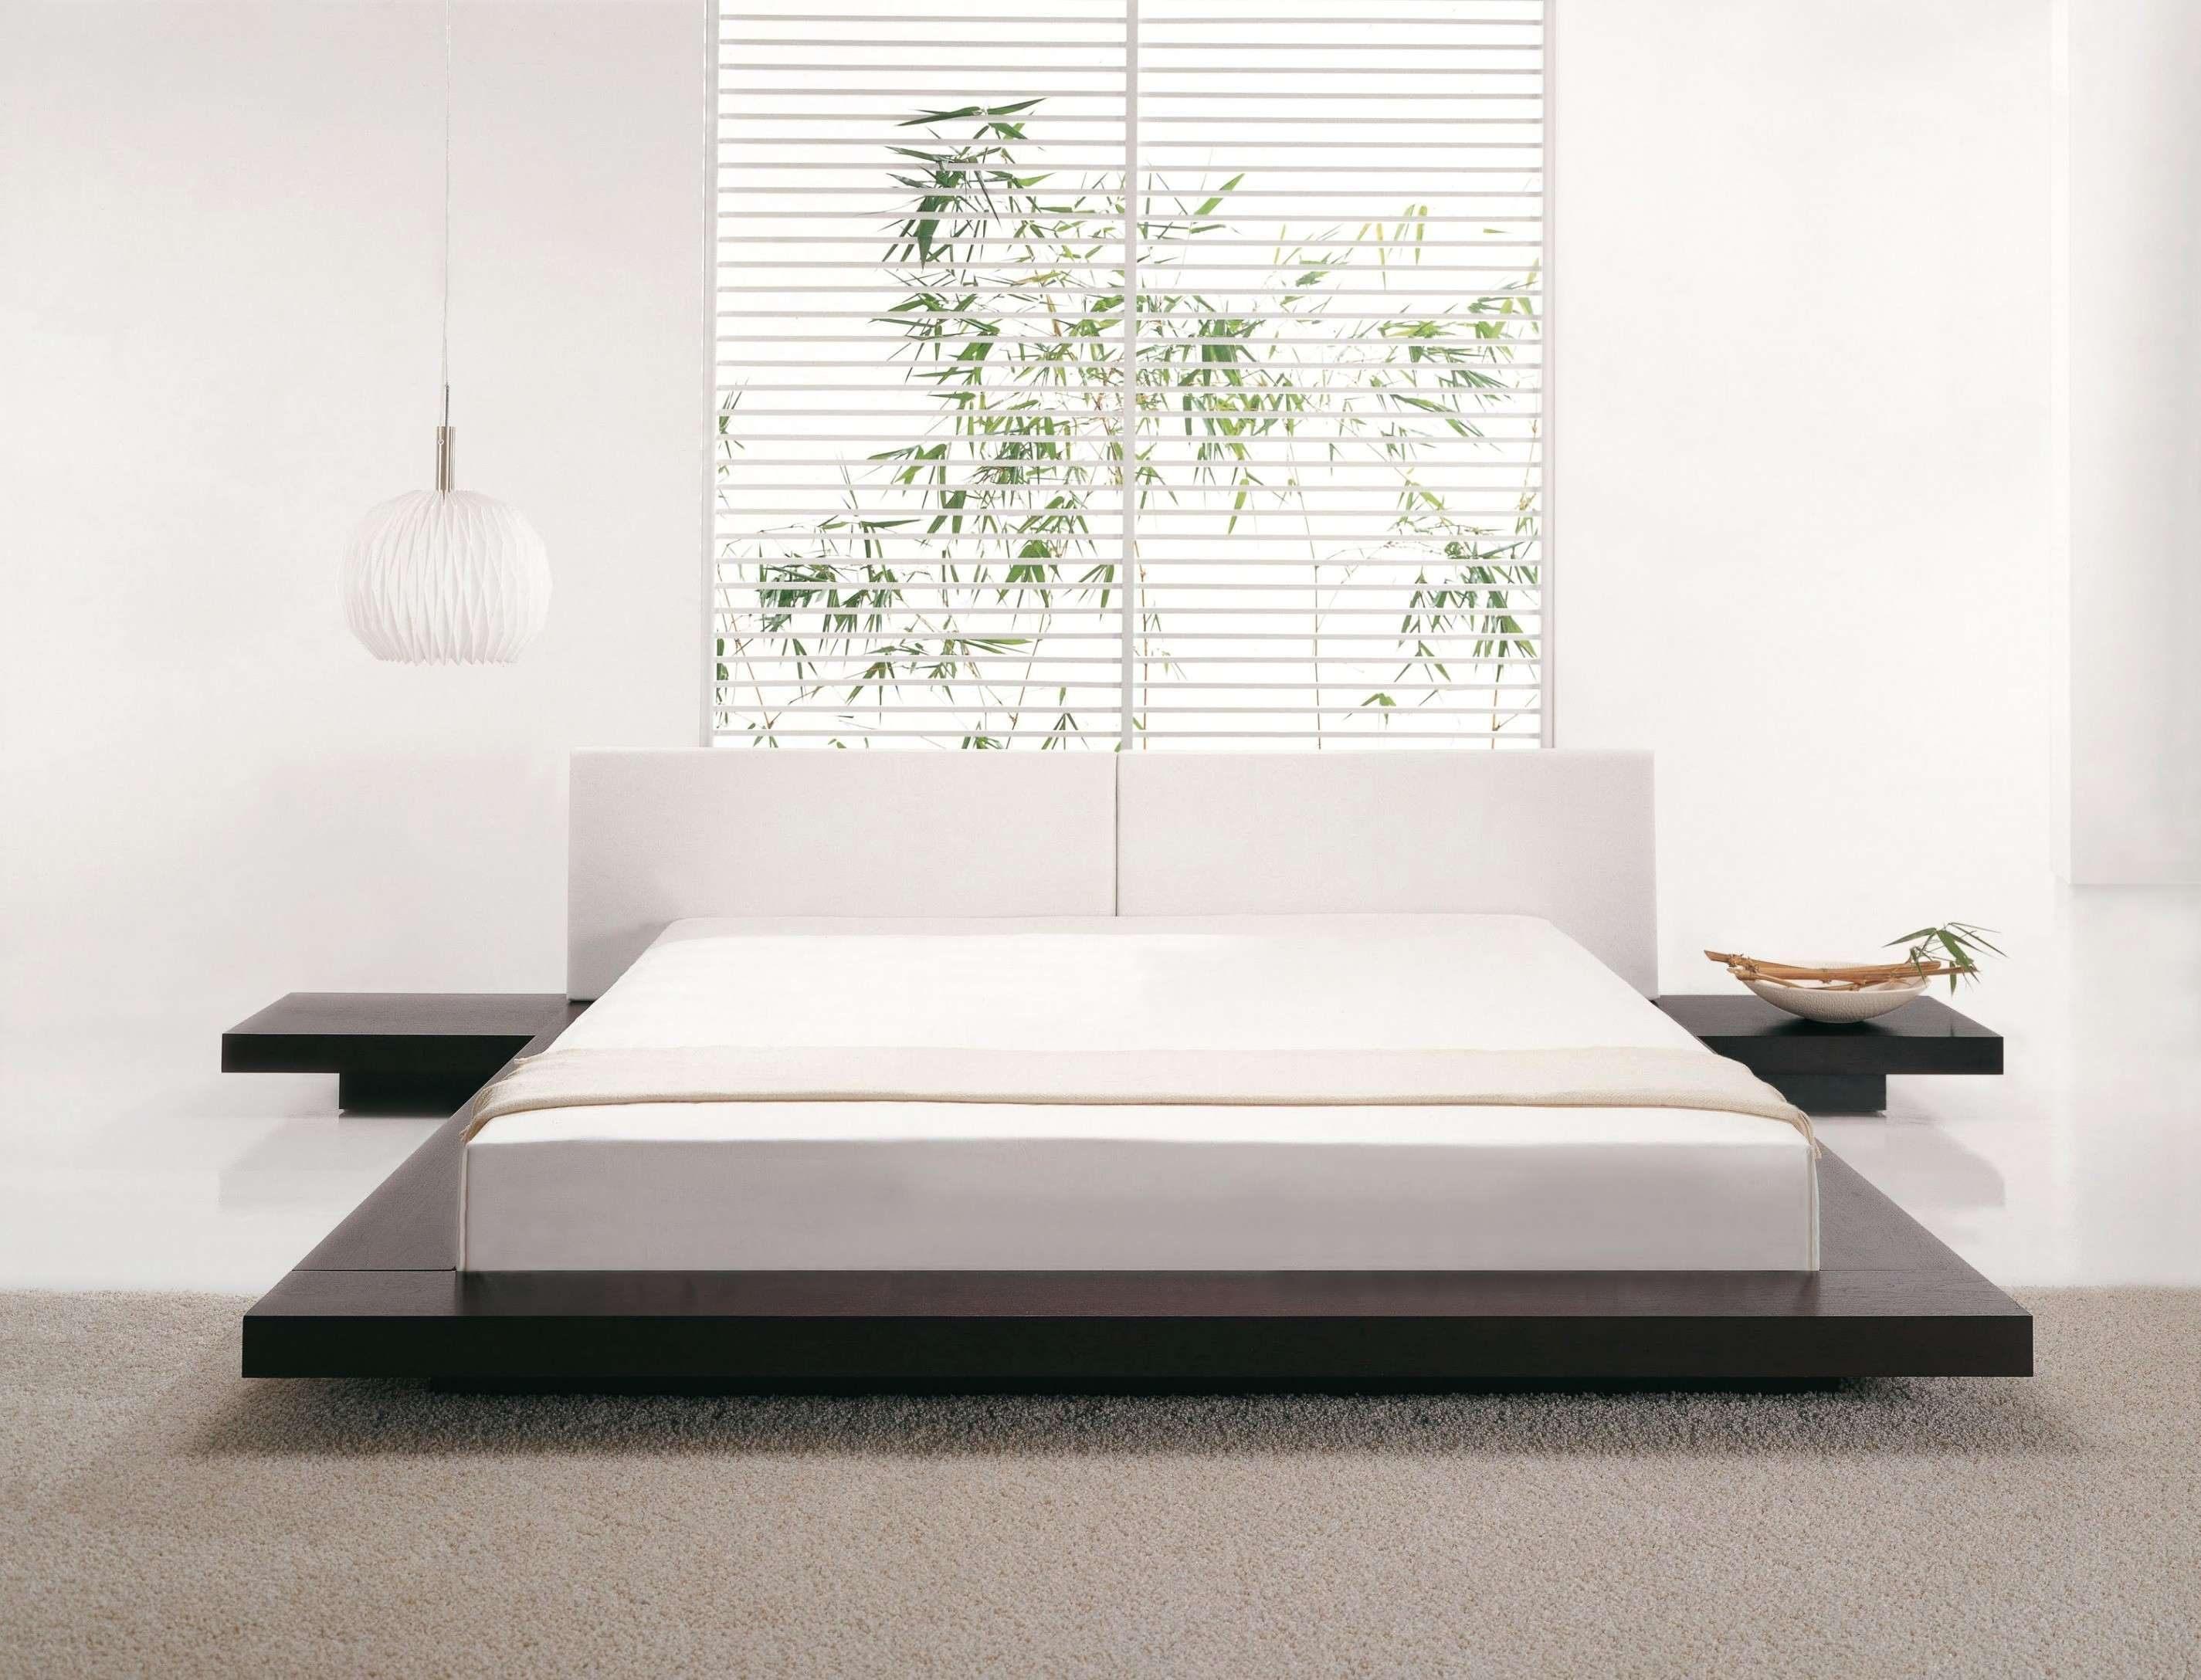 Ikea Lit sommier Le Luxe Lit 180 X 200 Meilleur Lit 180—200 Design Lit 180—200 Avec sommier